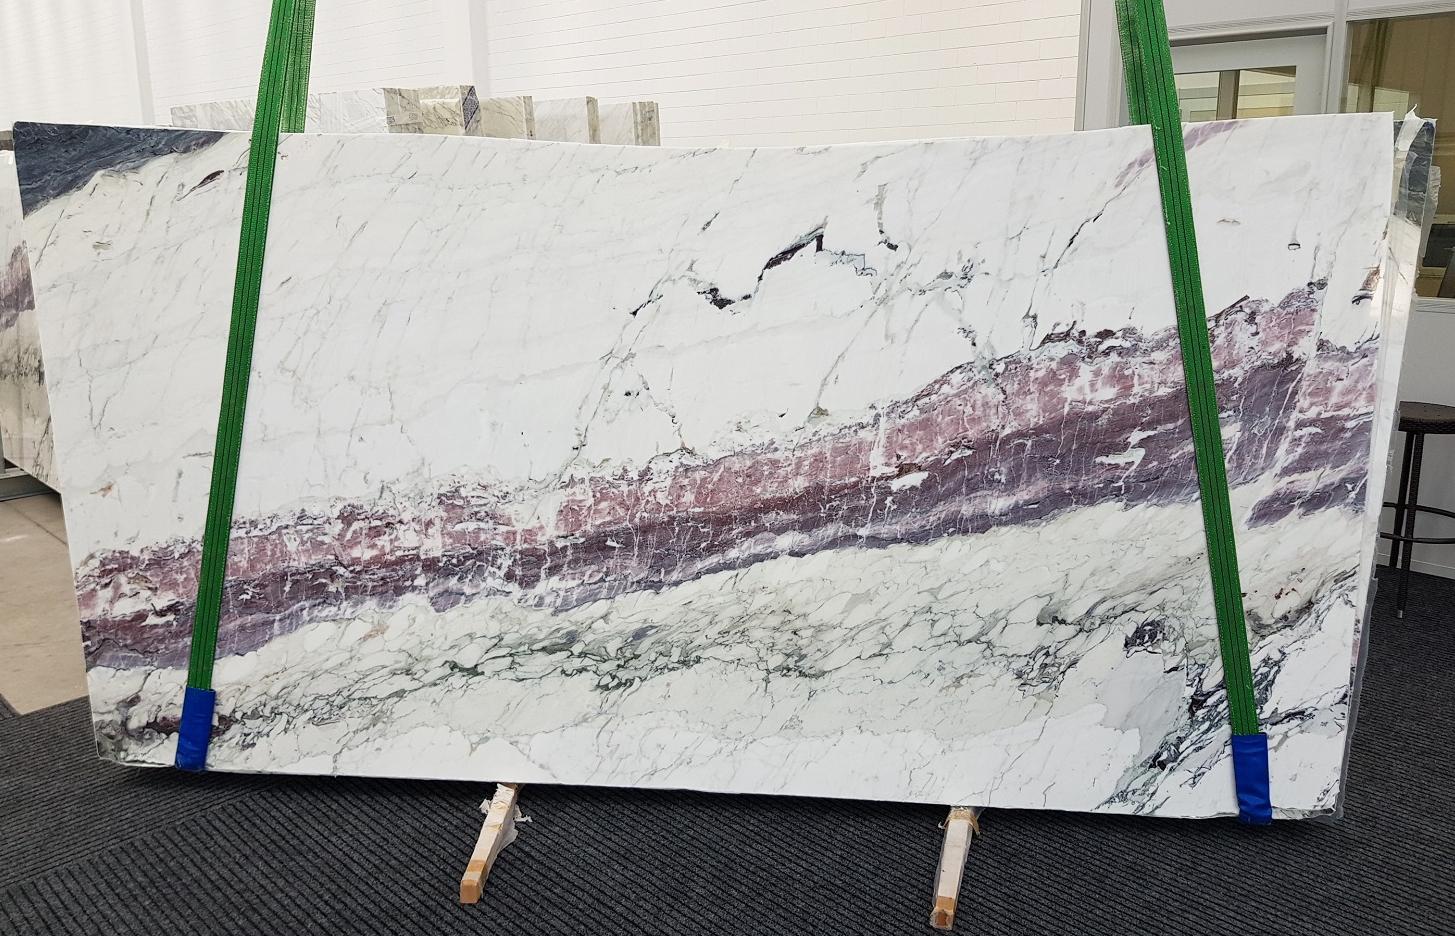 BRECCIA CAPRAIA Suministro Verona (Italia) de planchas pulidas en mármol natural 1220 , Bund #5-41